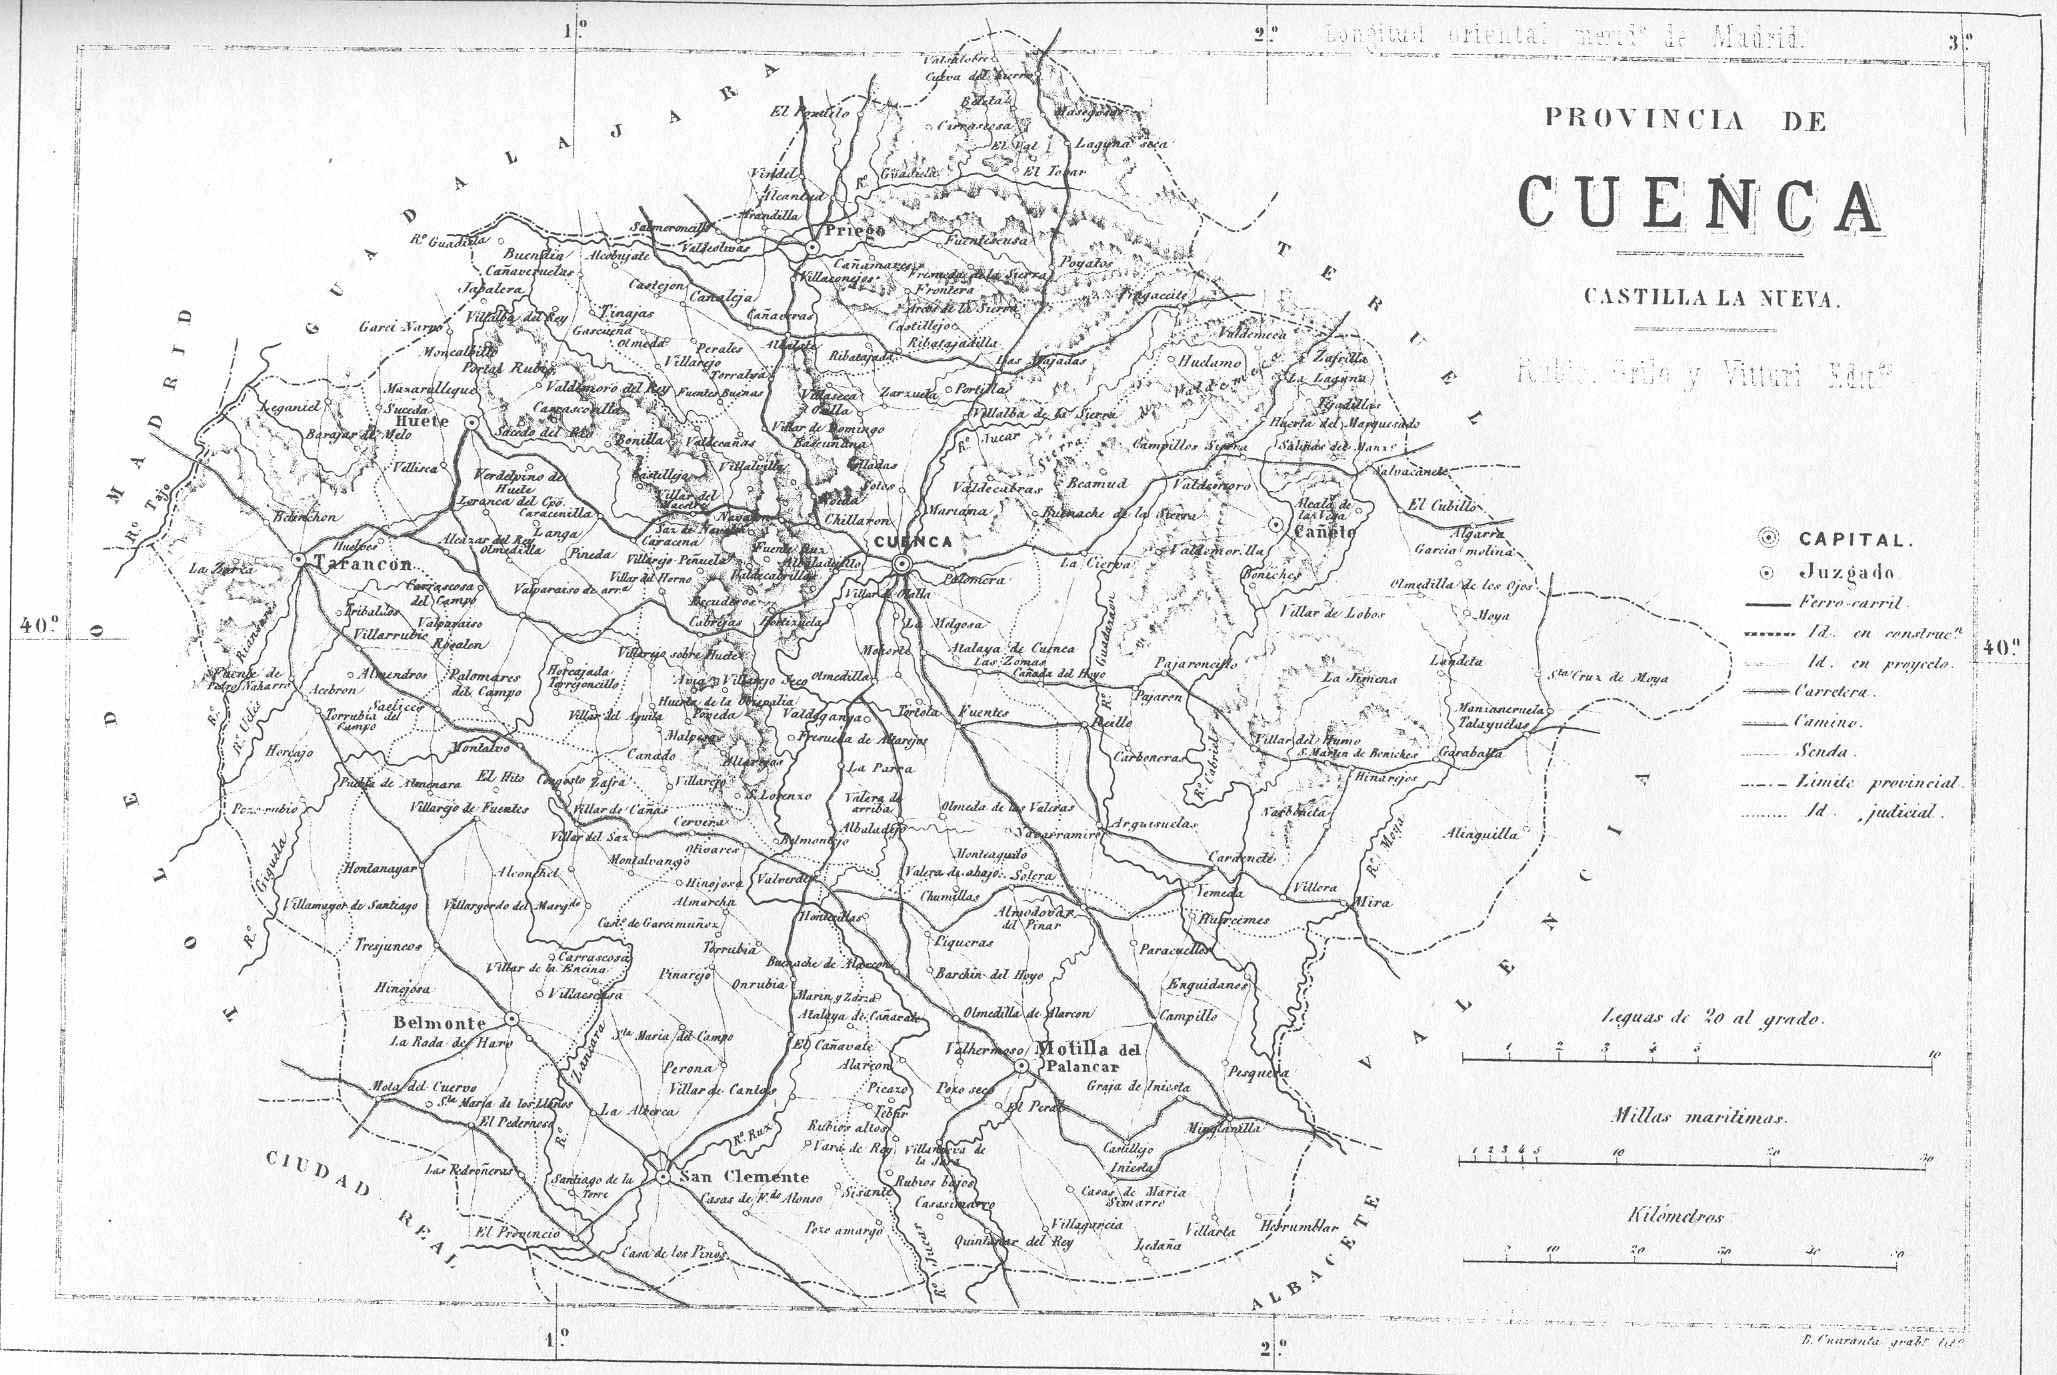 Mapa de la Provincia de Cuenca 1869